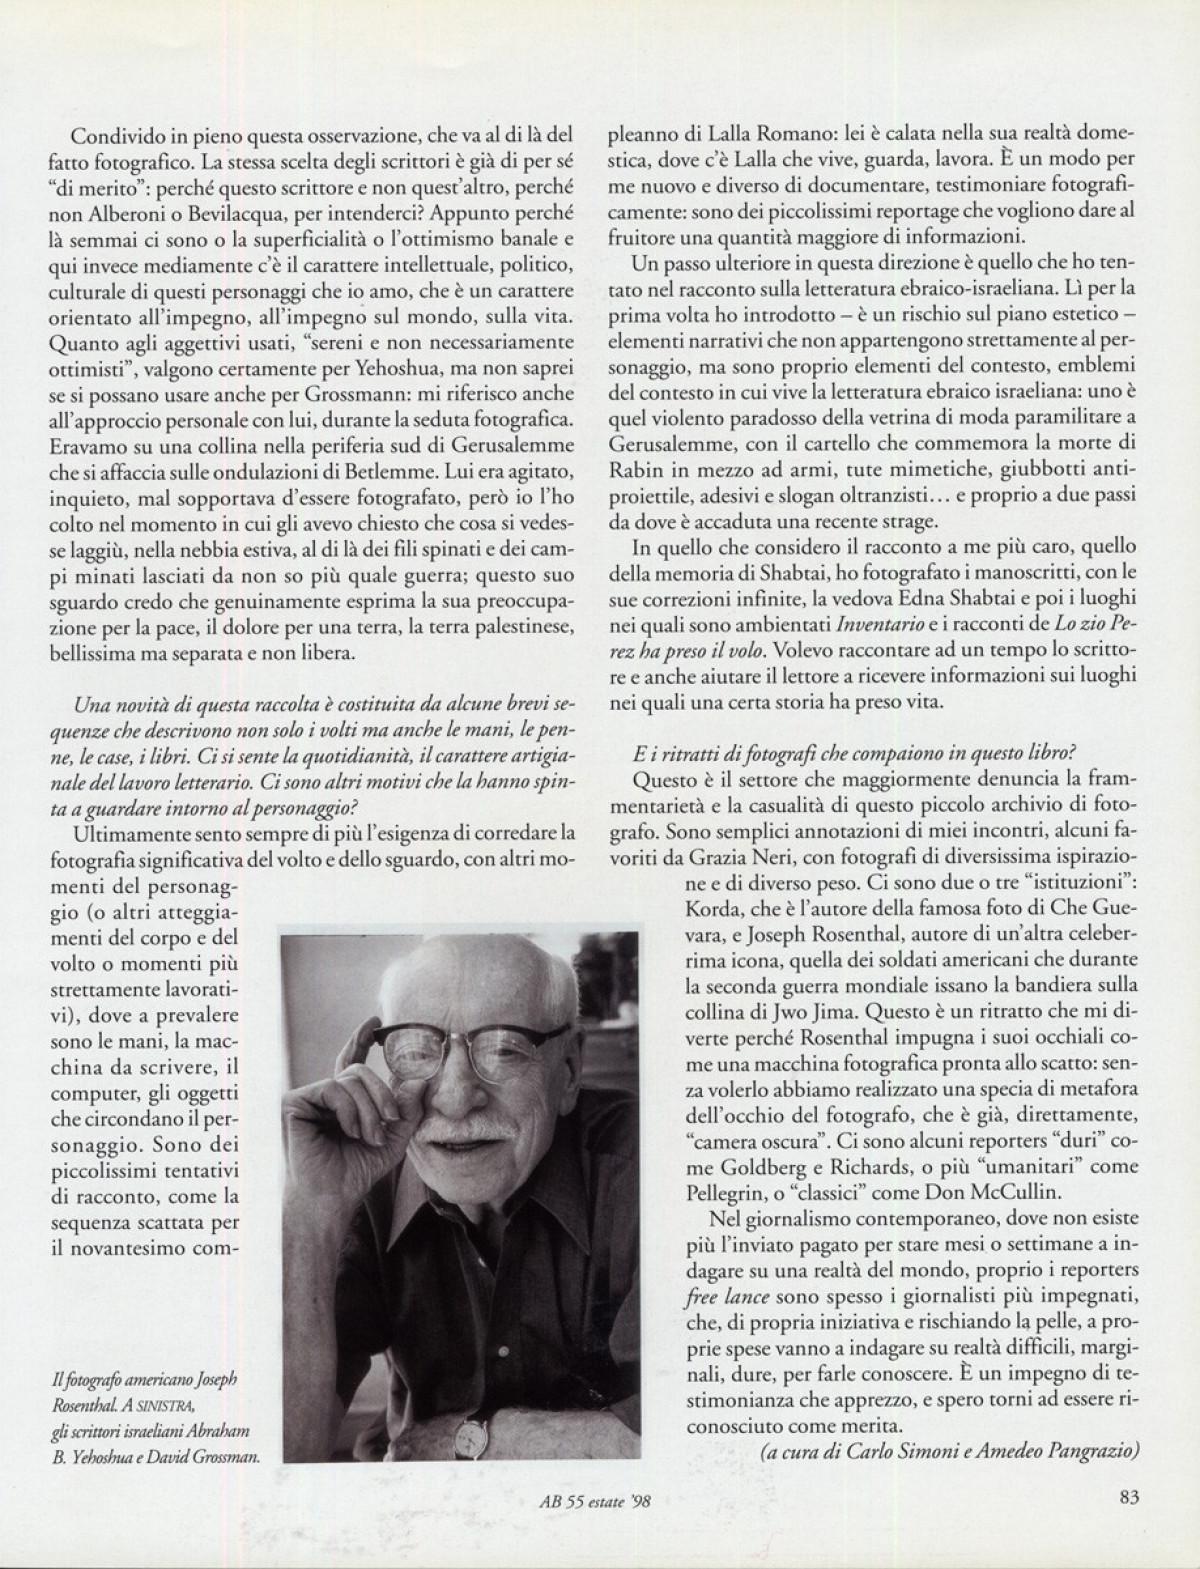 1998 - Scrittore - Atlante Bresciano